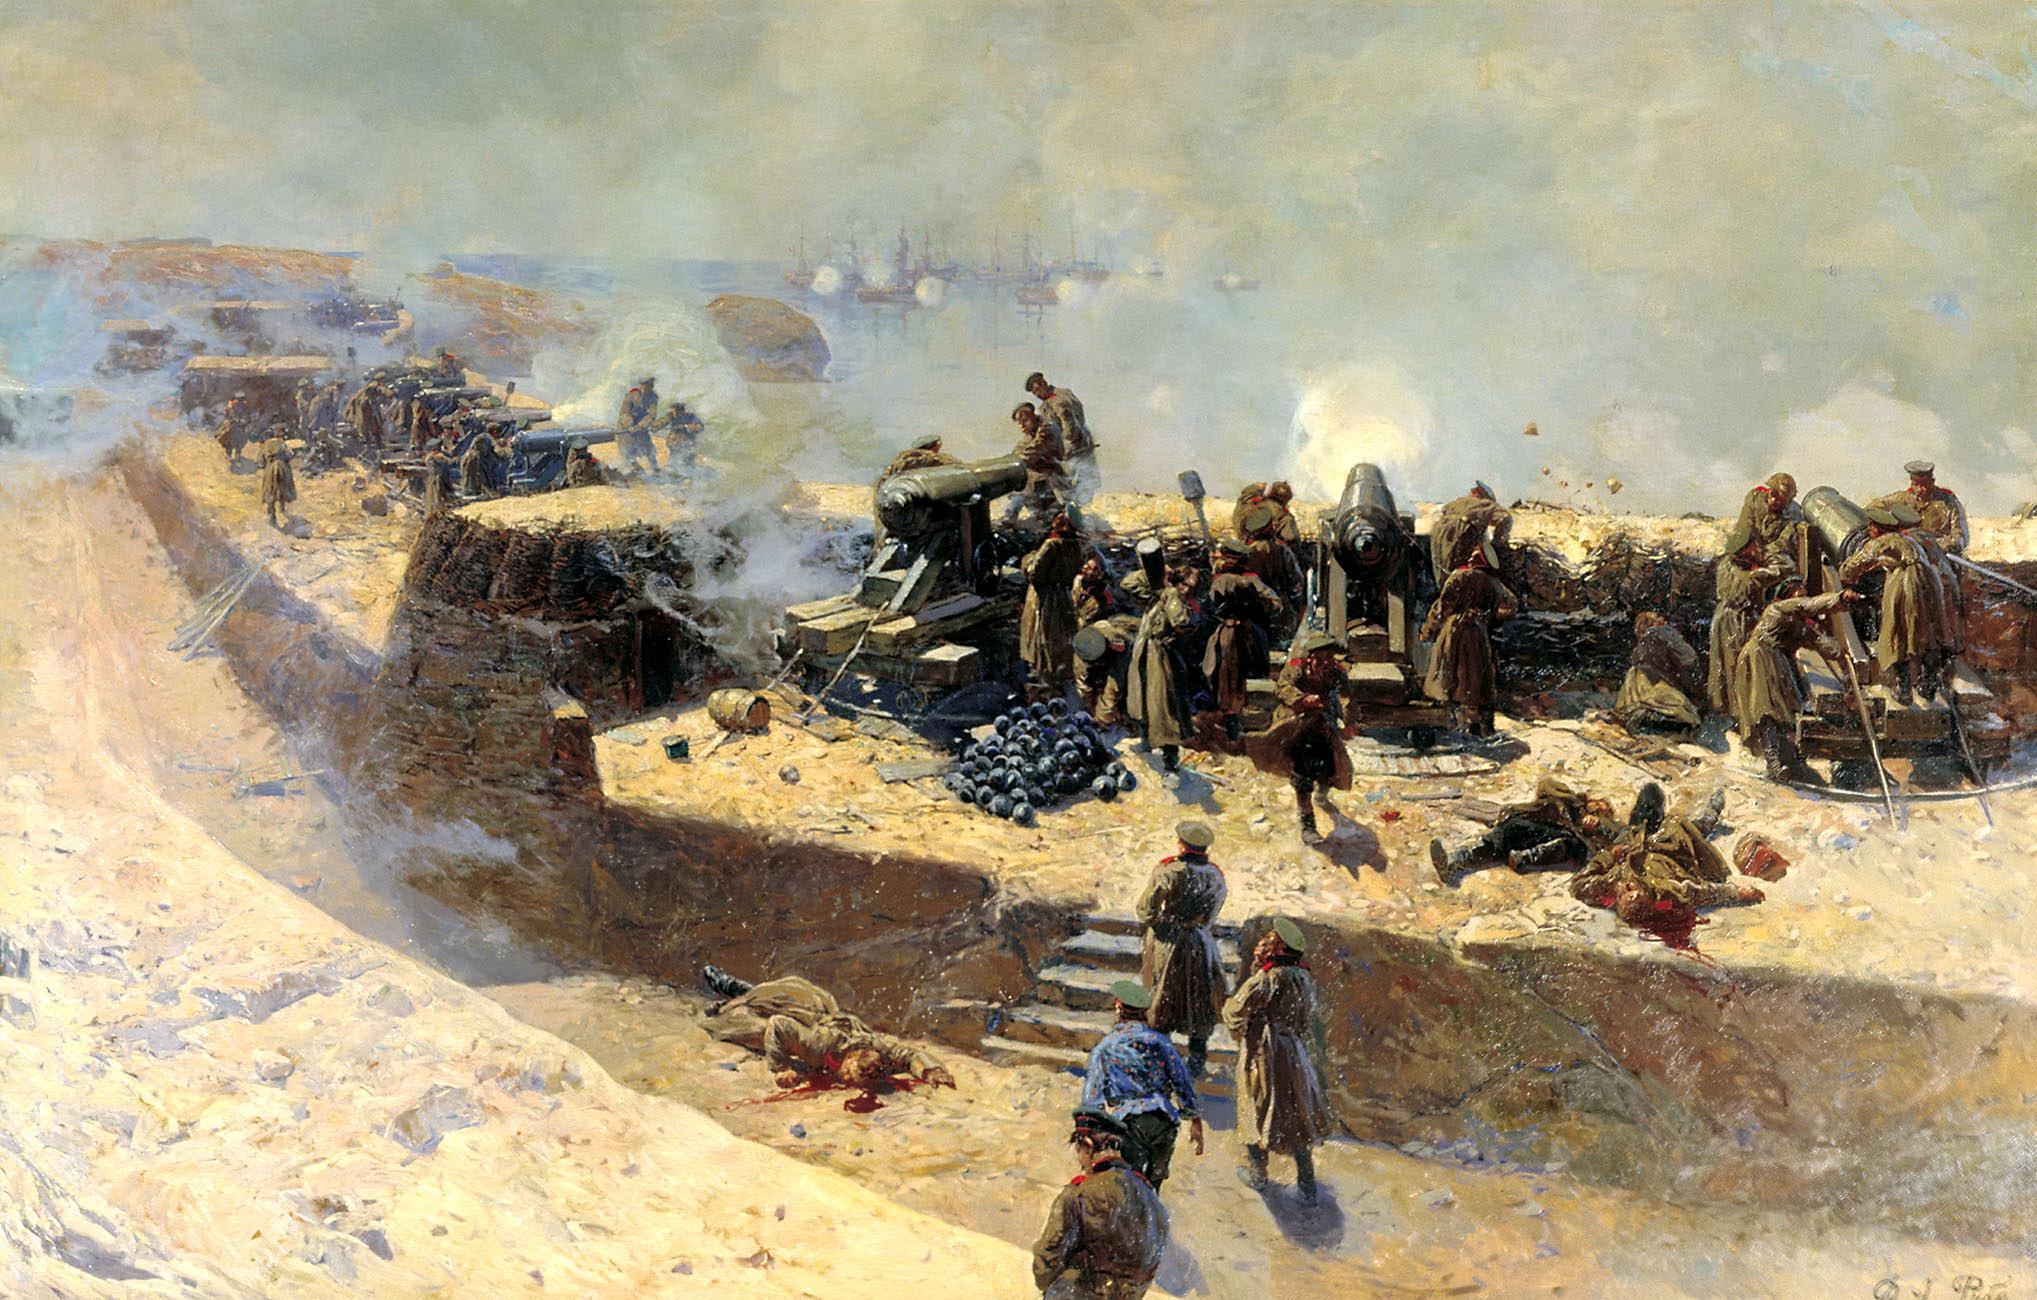 http://tunnel.ru/tmp/IWaLMmfdFTsRNE27zpA6/otrajenie-bombardirovki-anglo-frantsuzskogo-flota-so-storonyi-aleksandrovskoy-batarei-5-oktyabrya-1854-goda.-hudojnik-f.a.-rubo..jpg